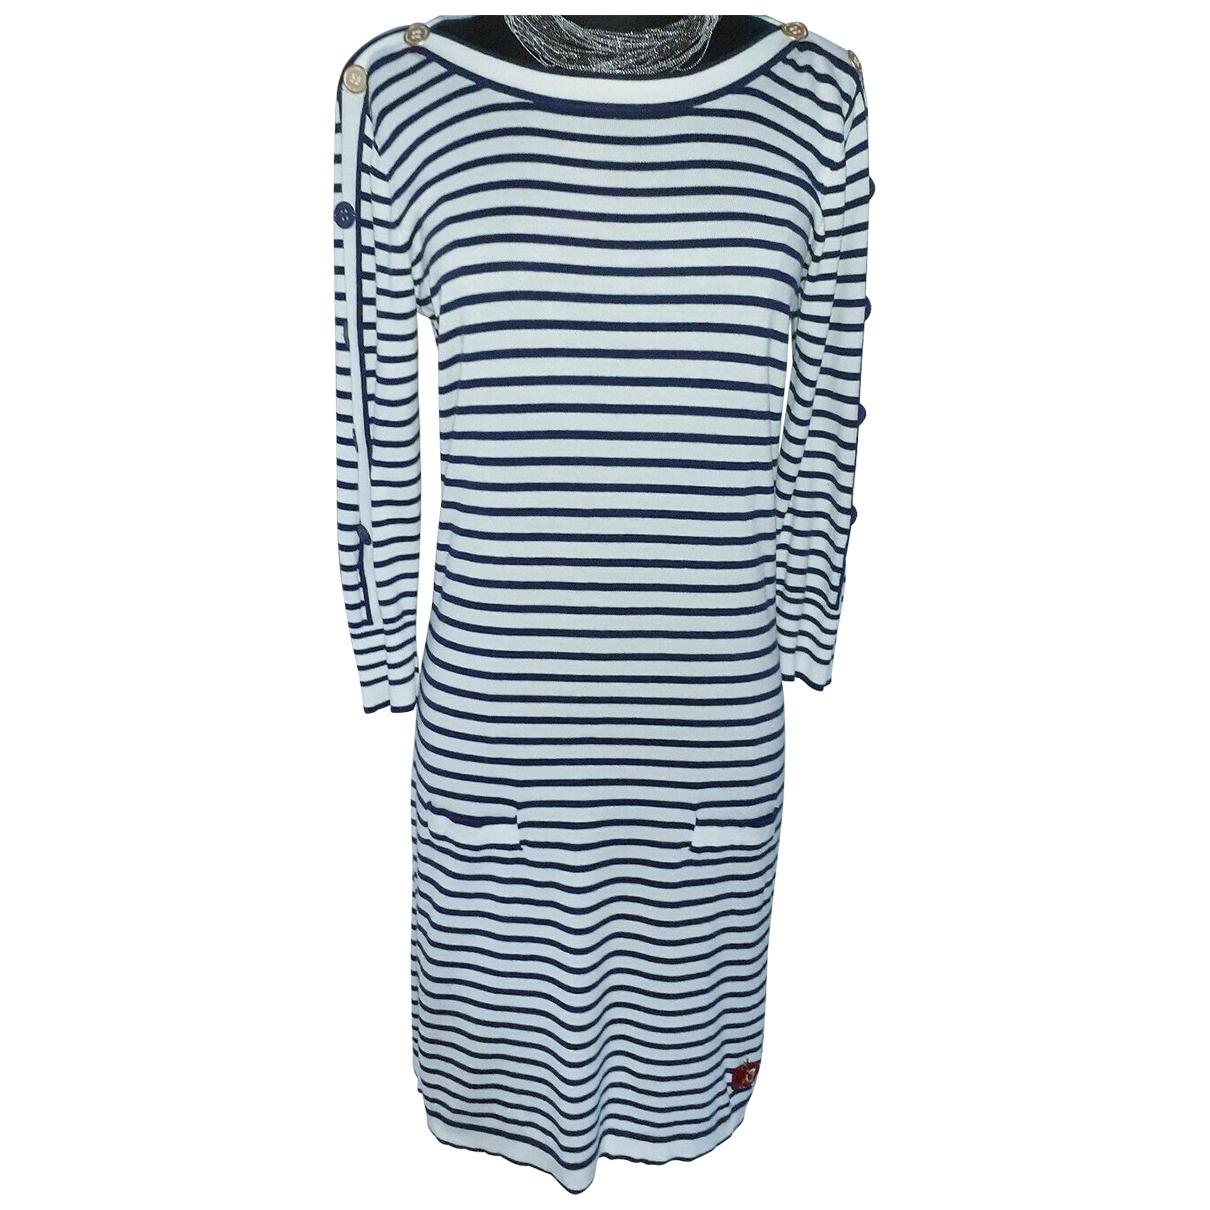 Armani Jeans \N Kleid in Baumwolle